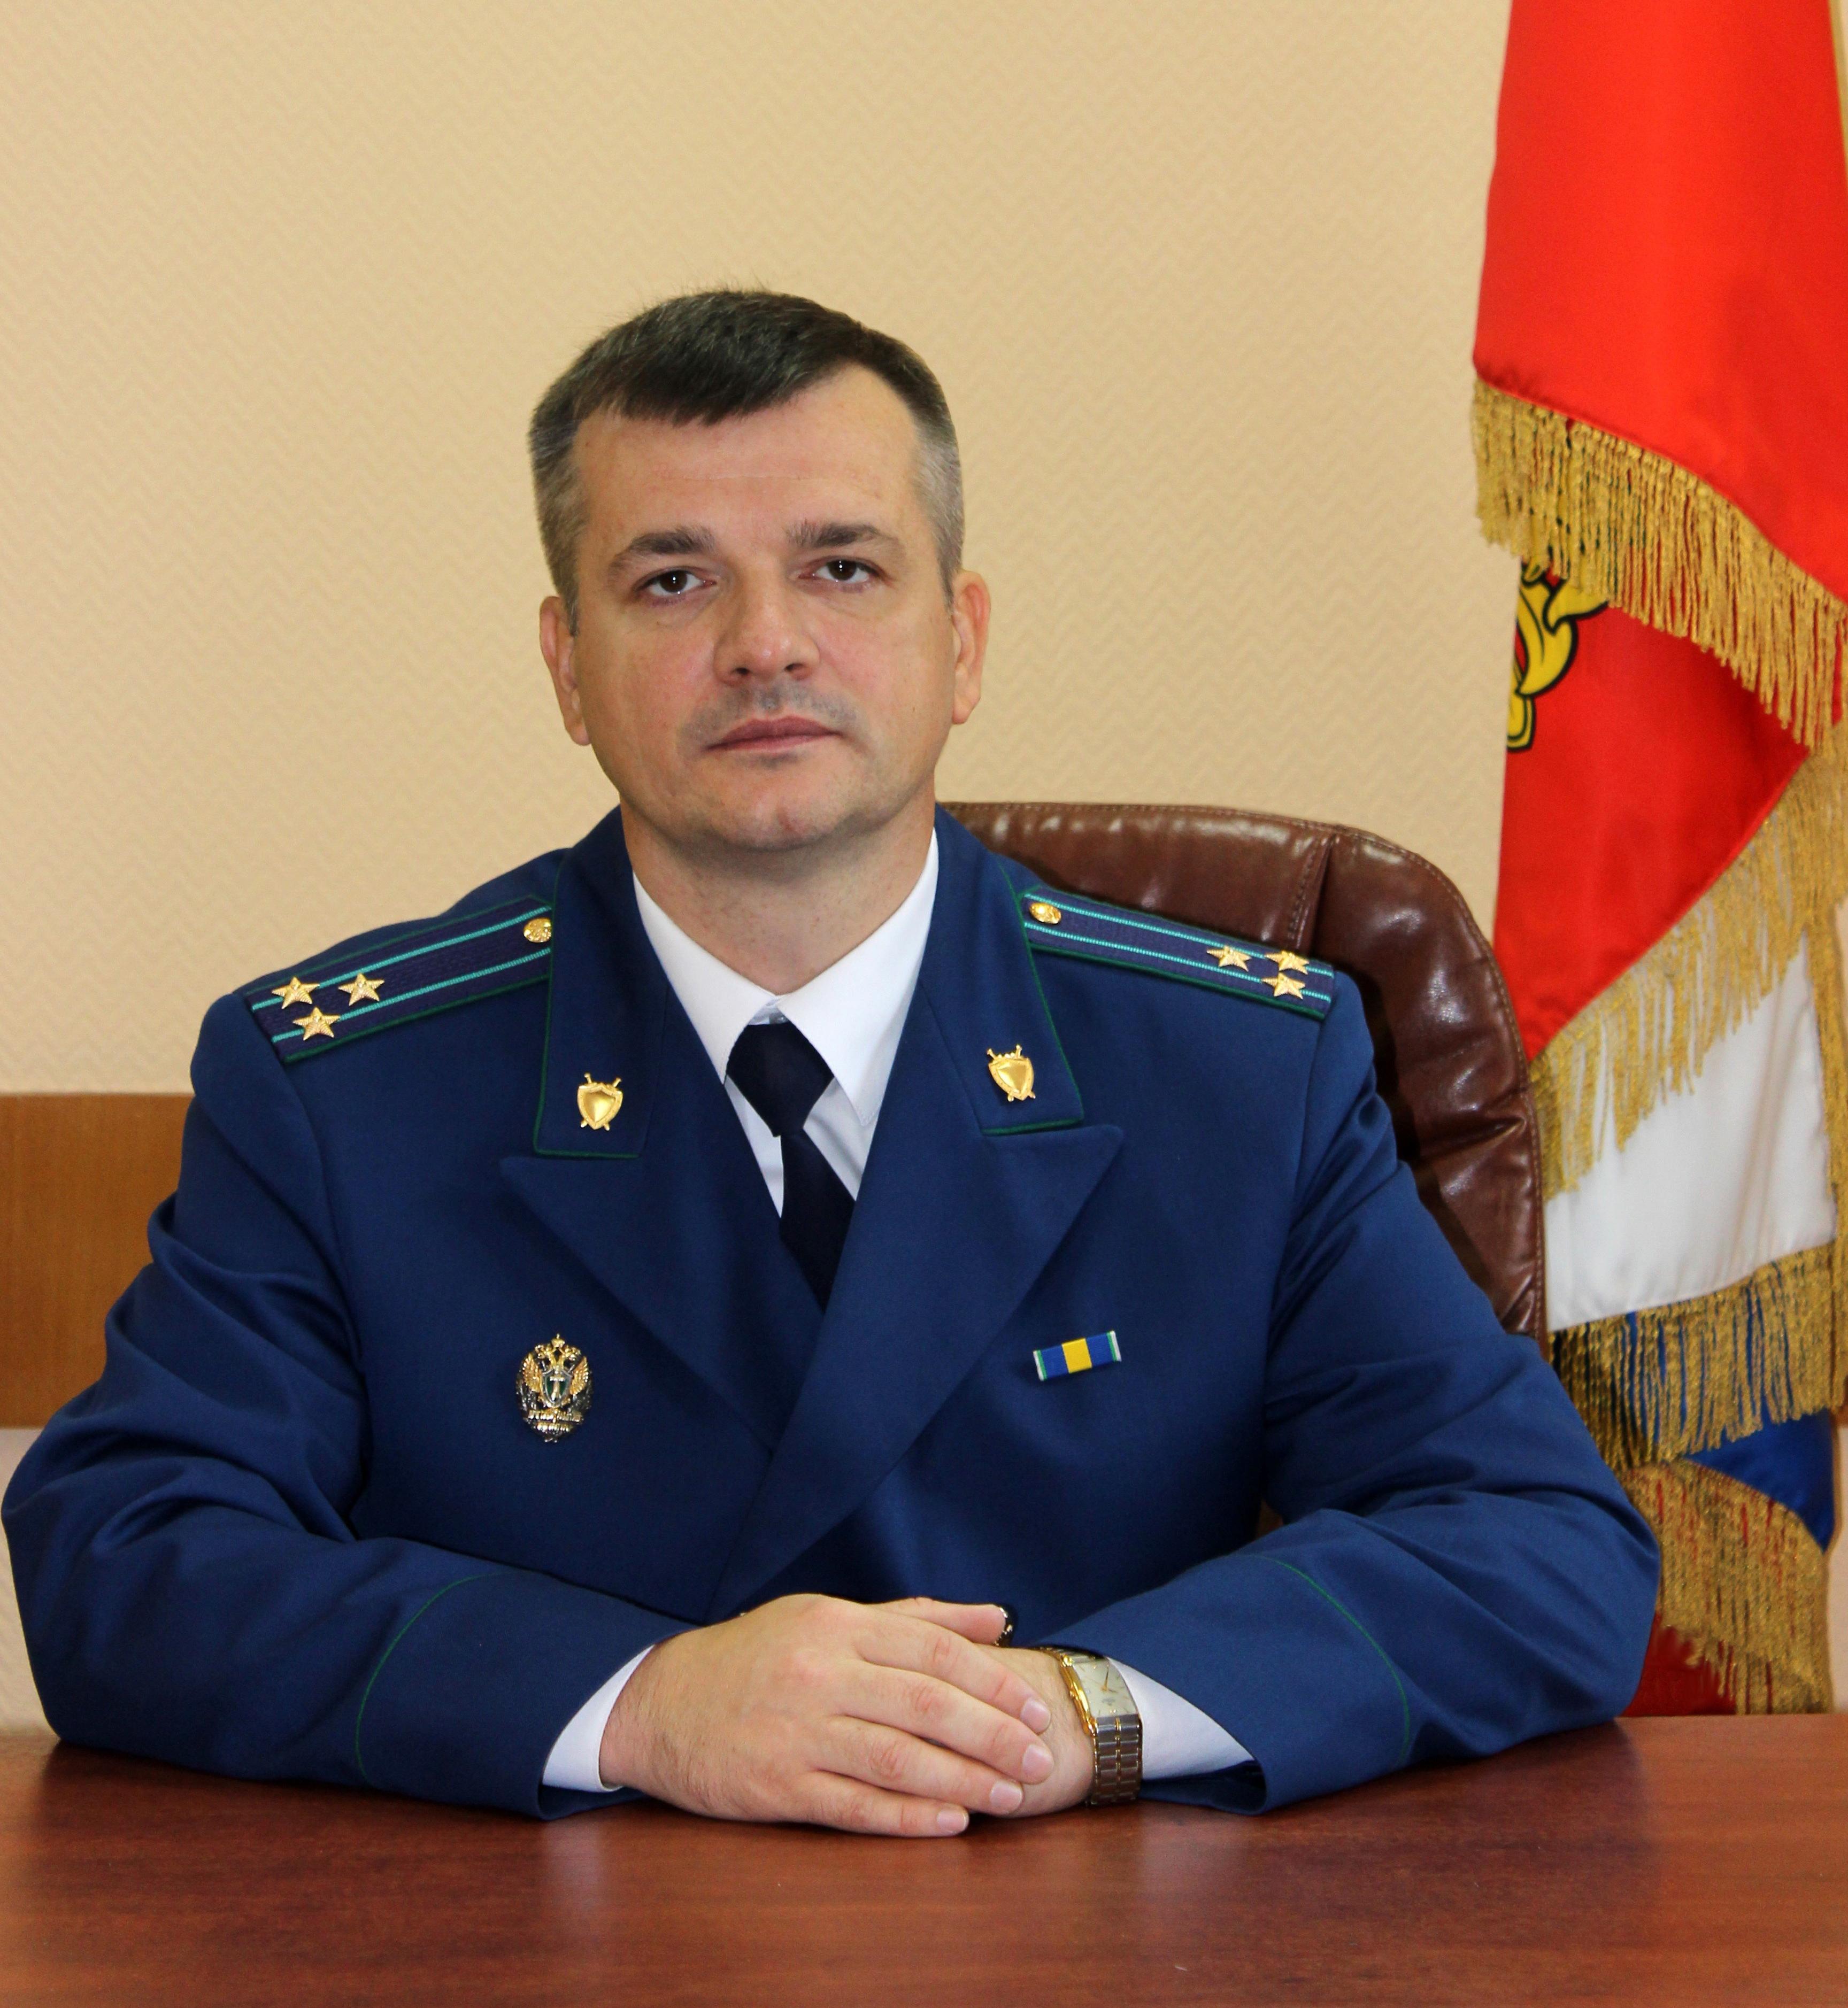 Андрей Екименко: Пусть в доме будет достаток, а в семье мир и любовь!